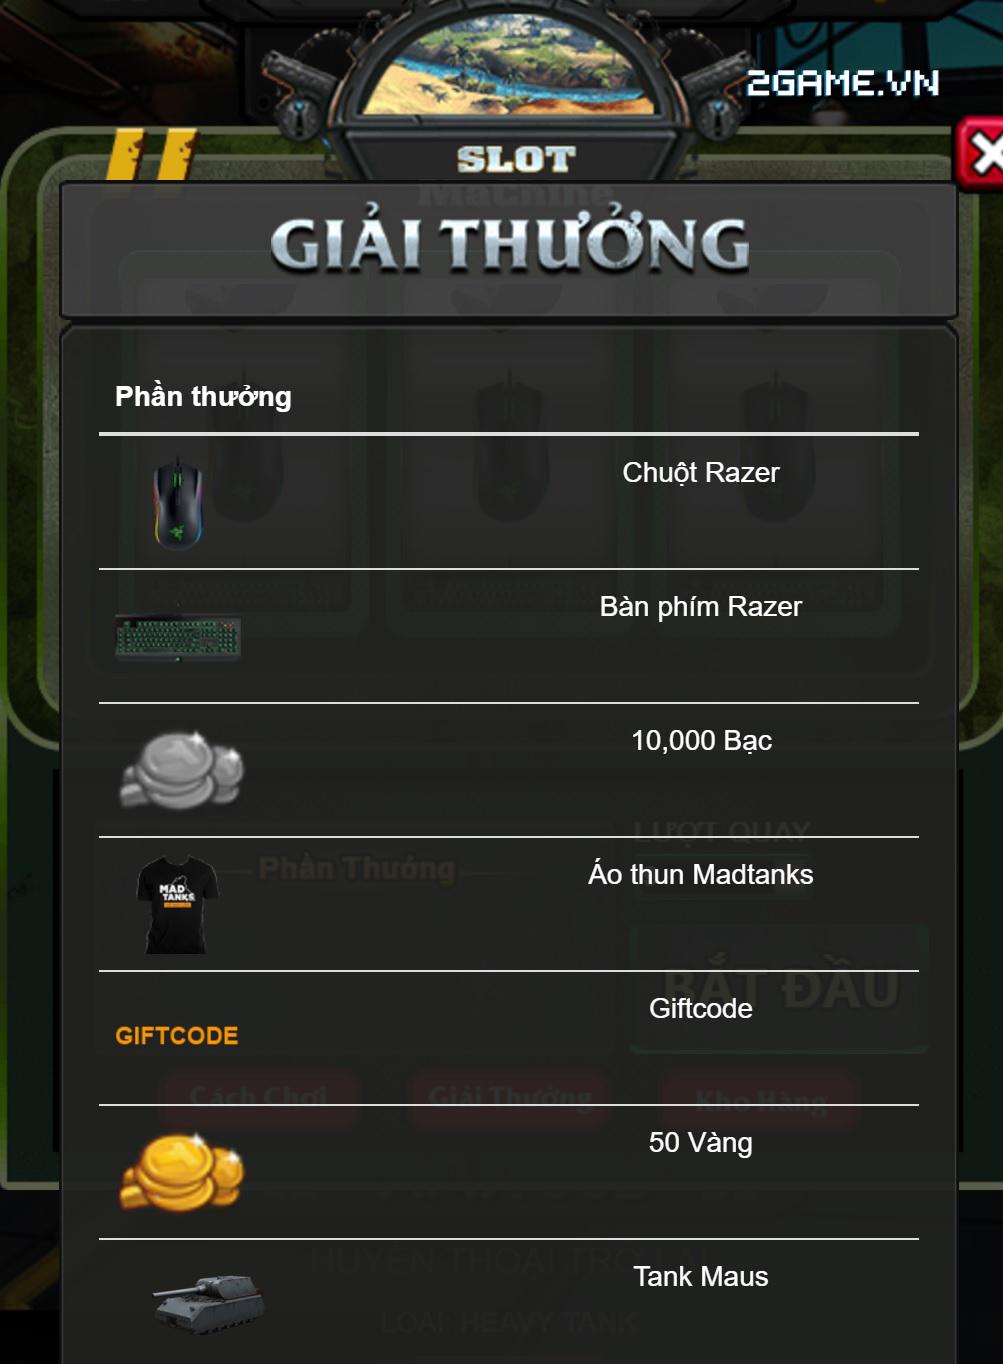 2game_webgame_mad_tanks_ra_mat_tai_viet_nam_4.jpg (1003×1364)